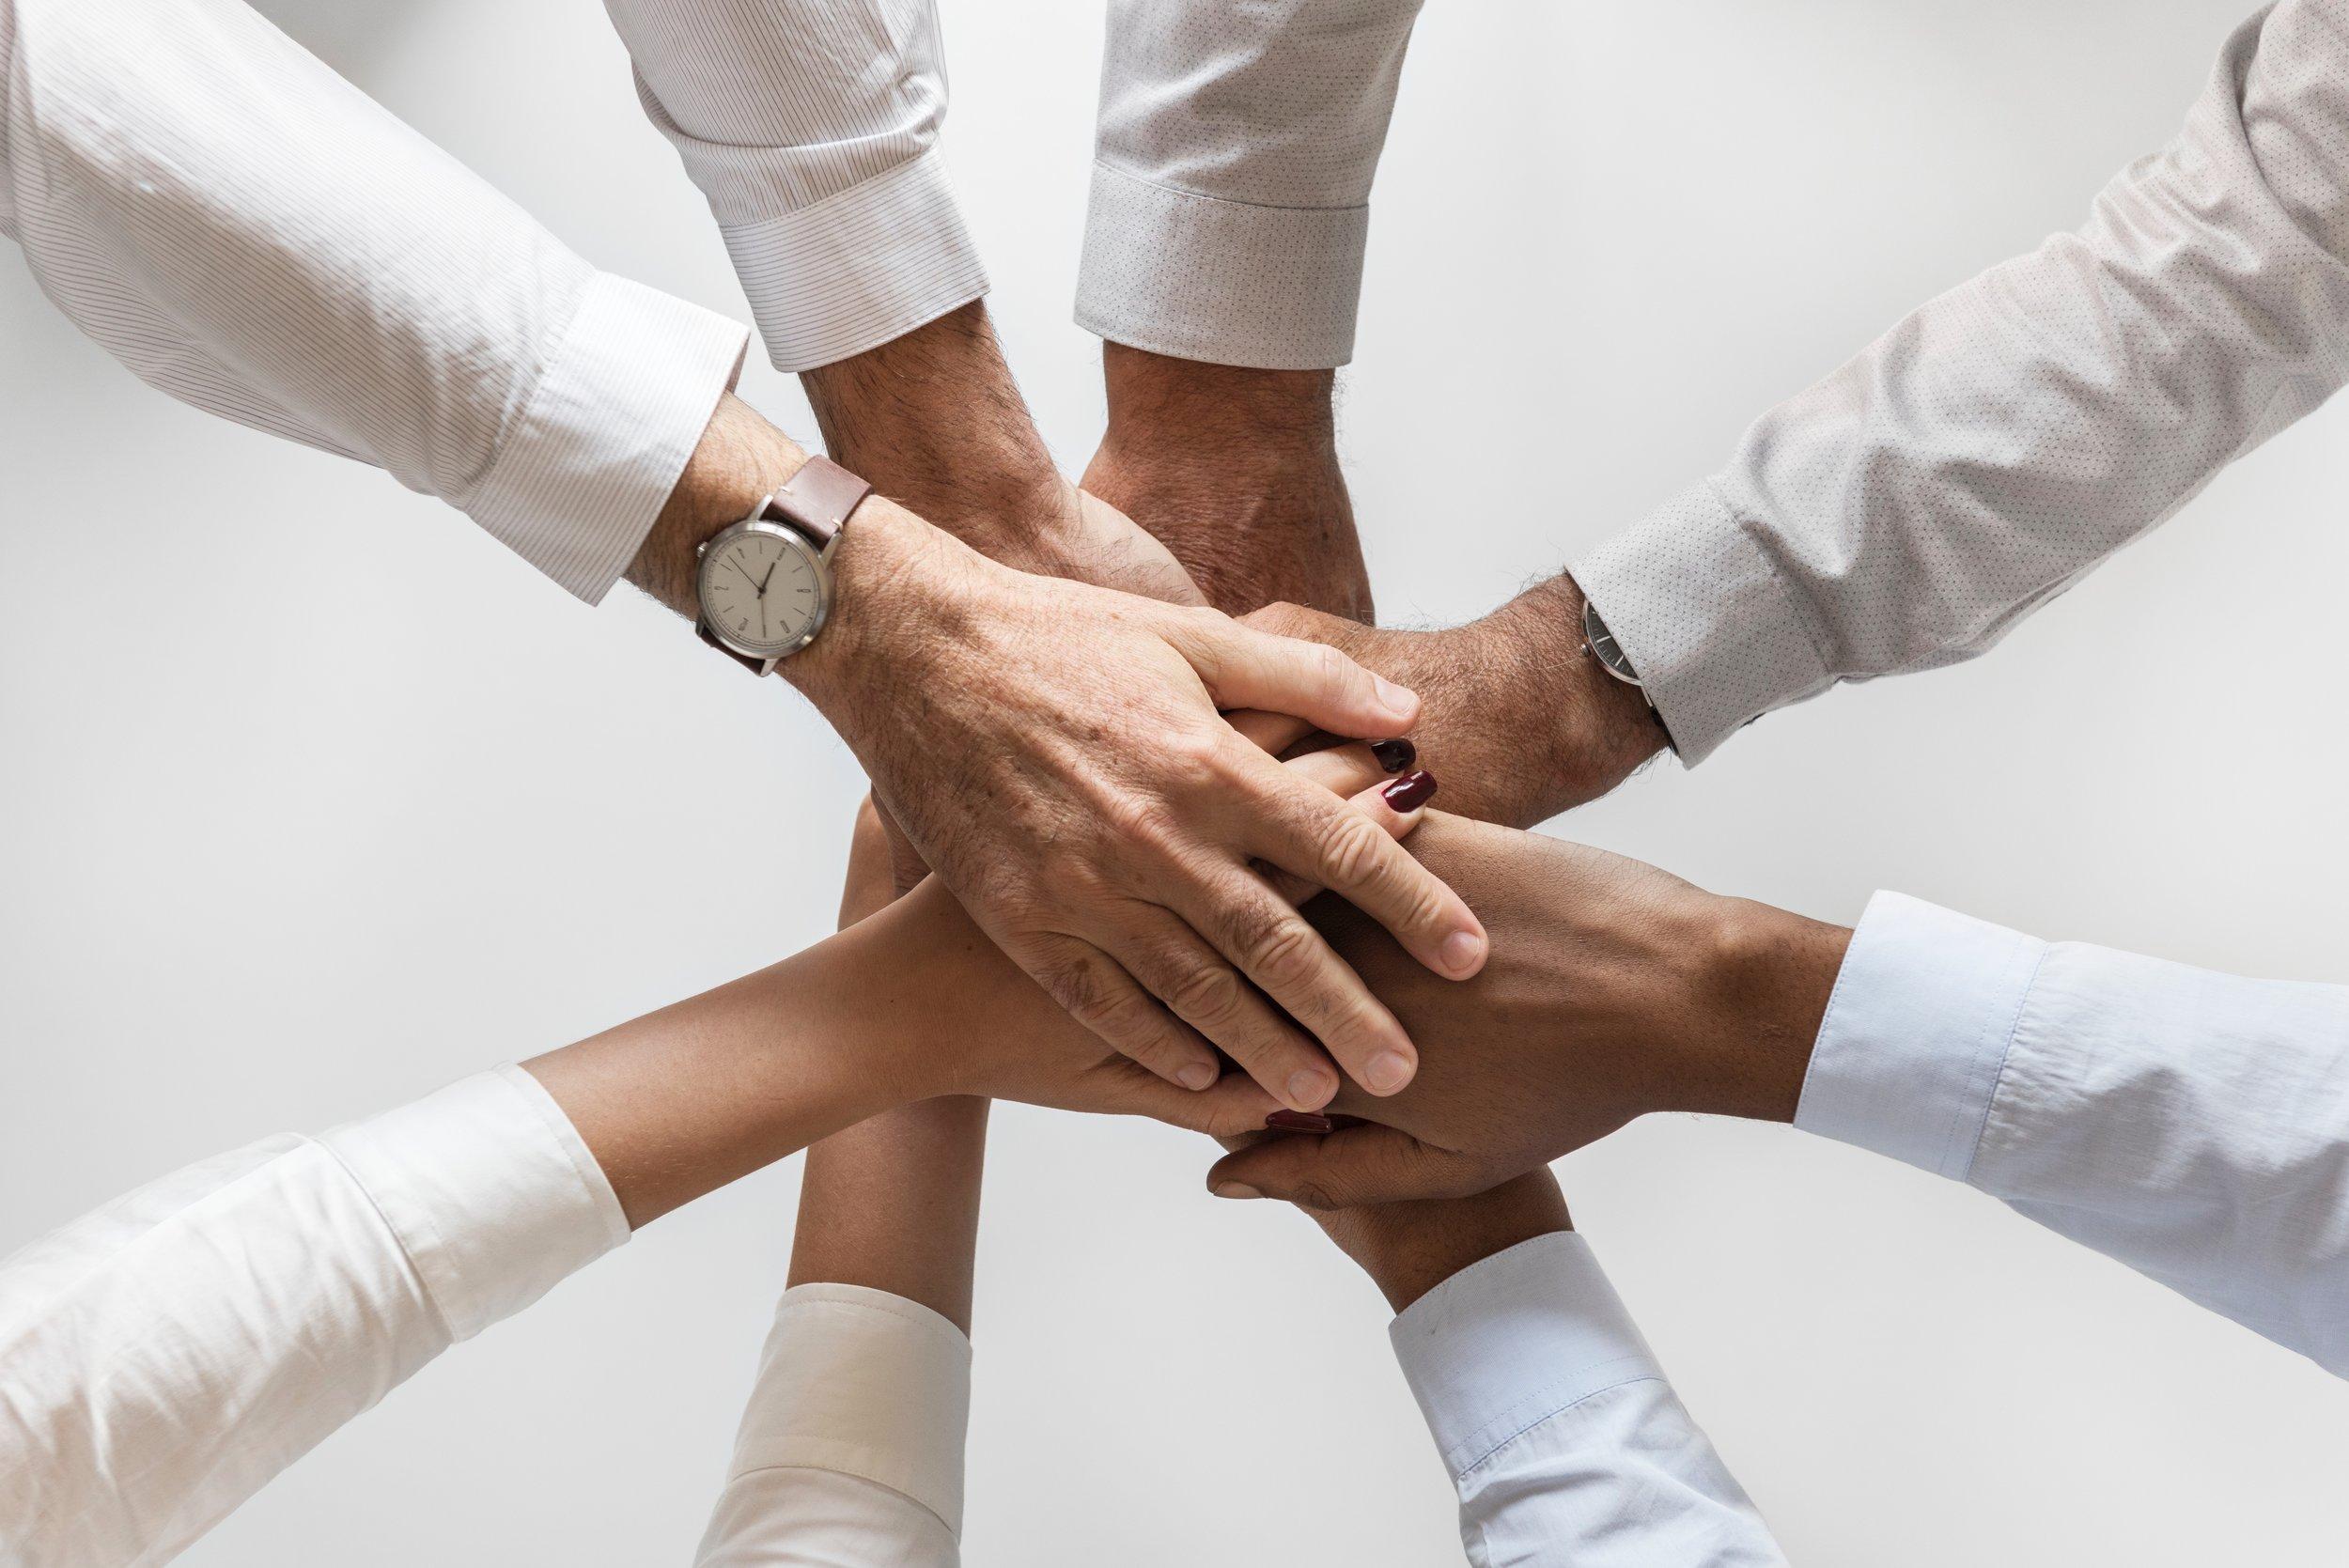 Valores - Pontualidade, Seriedade, Honestidade, Relacionamento e Segurança.